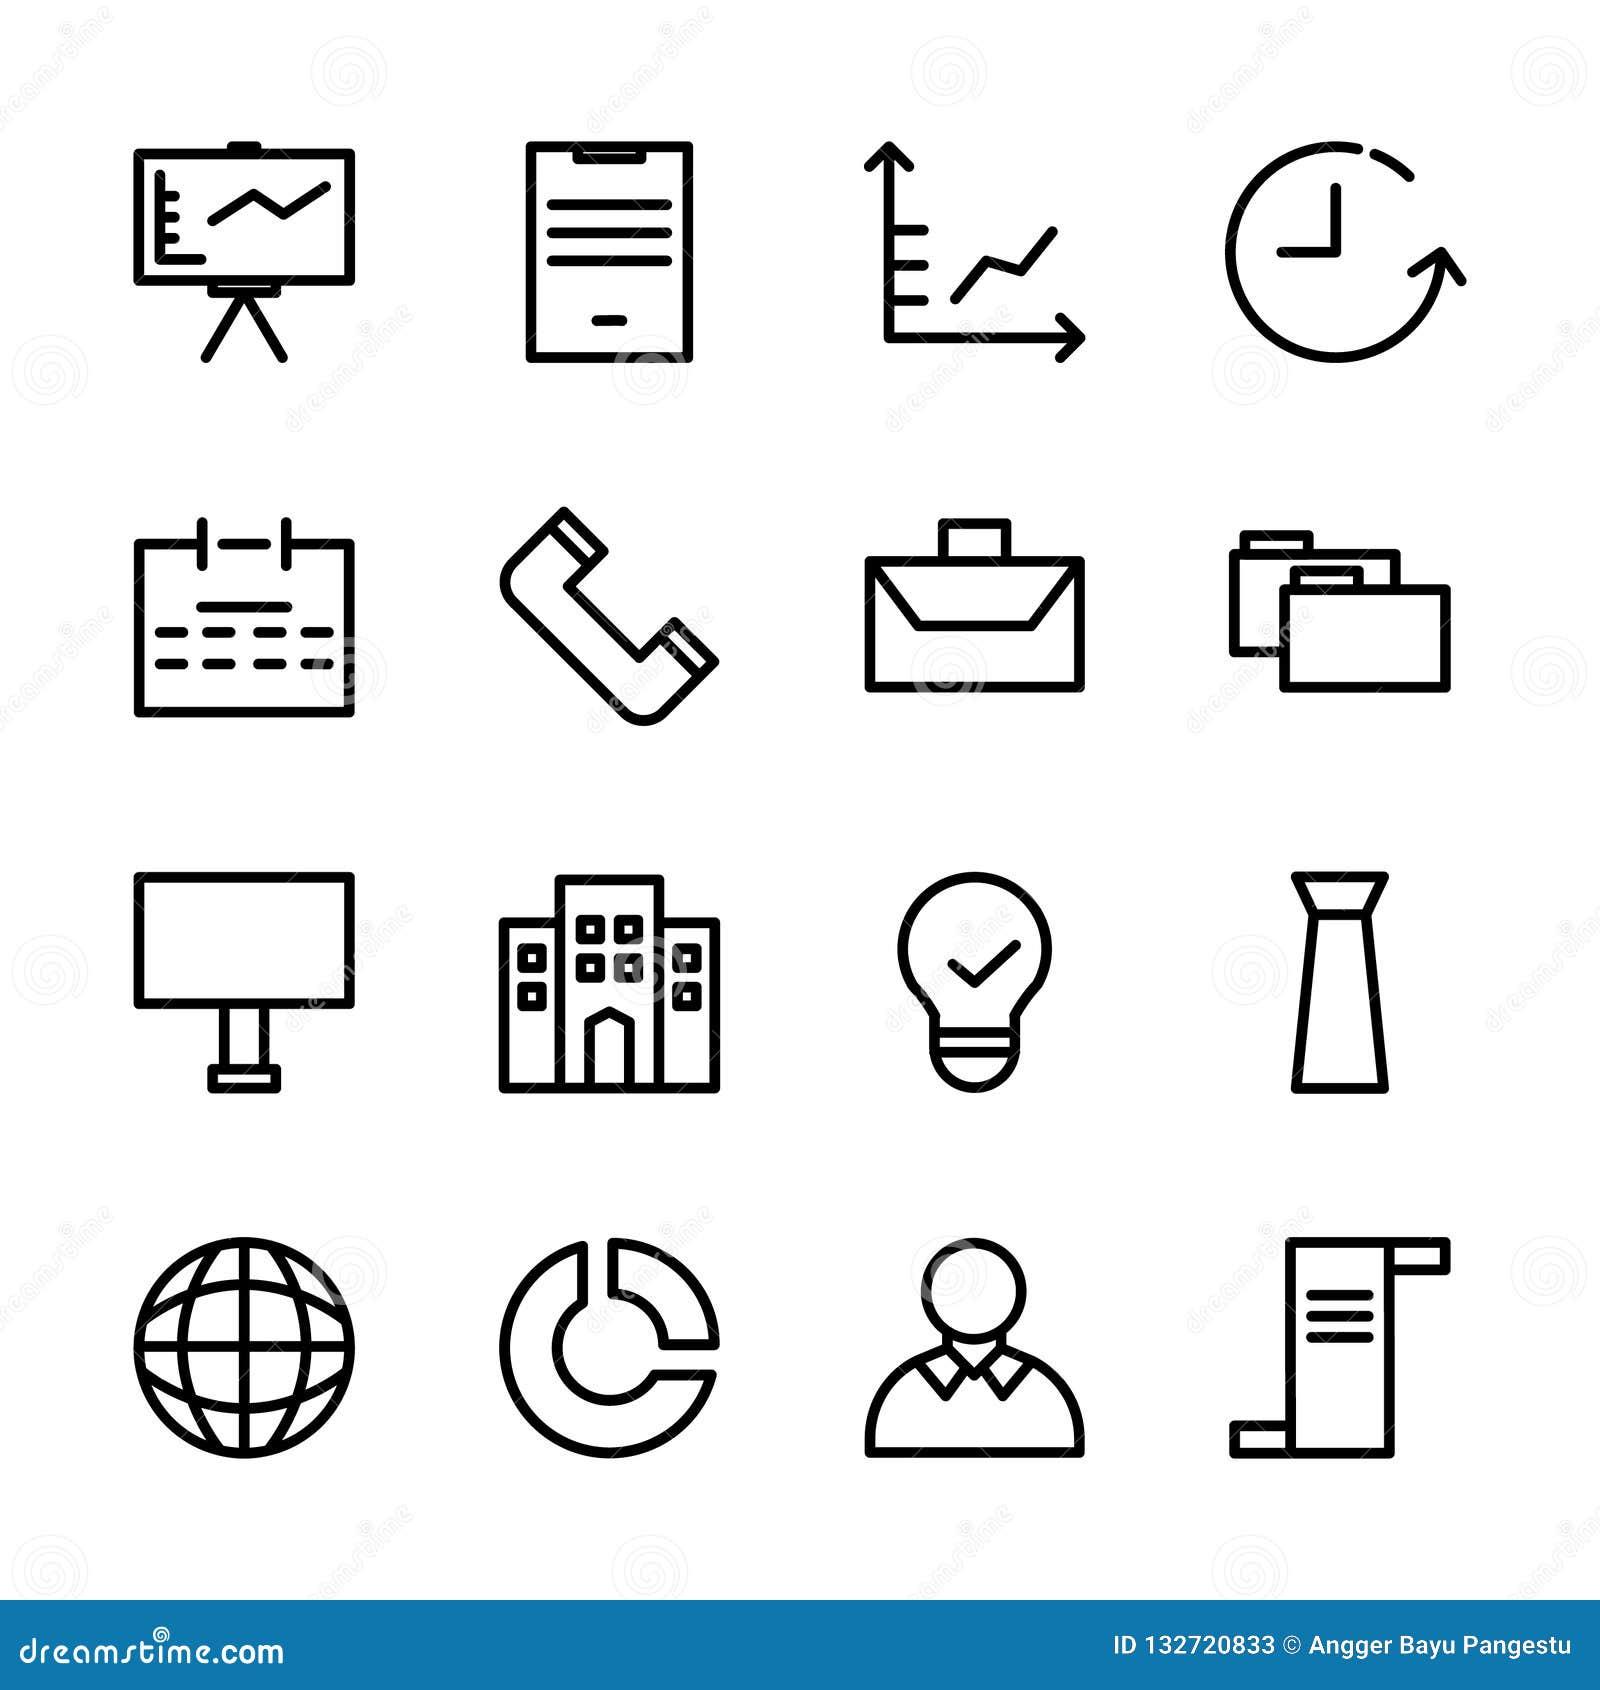 Samling av affärssymbolsuppsättningen passande för att marknadsföra, finans och annan släkt affär